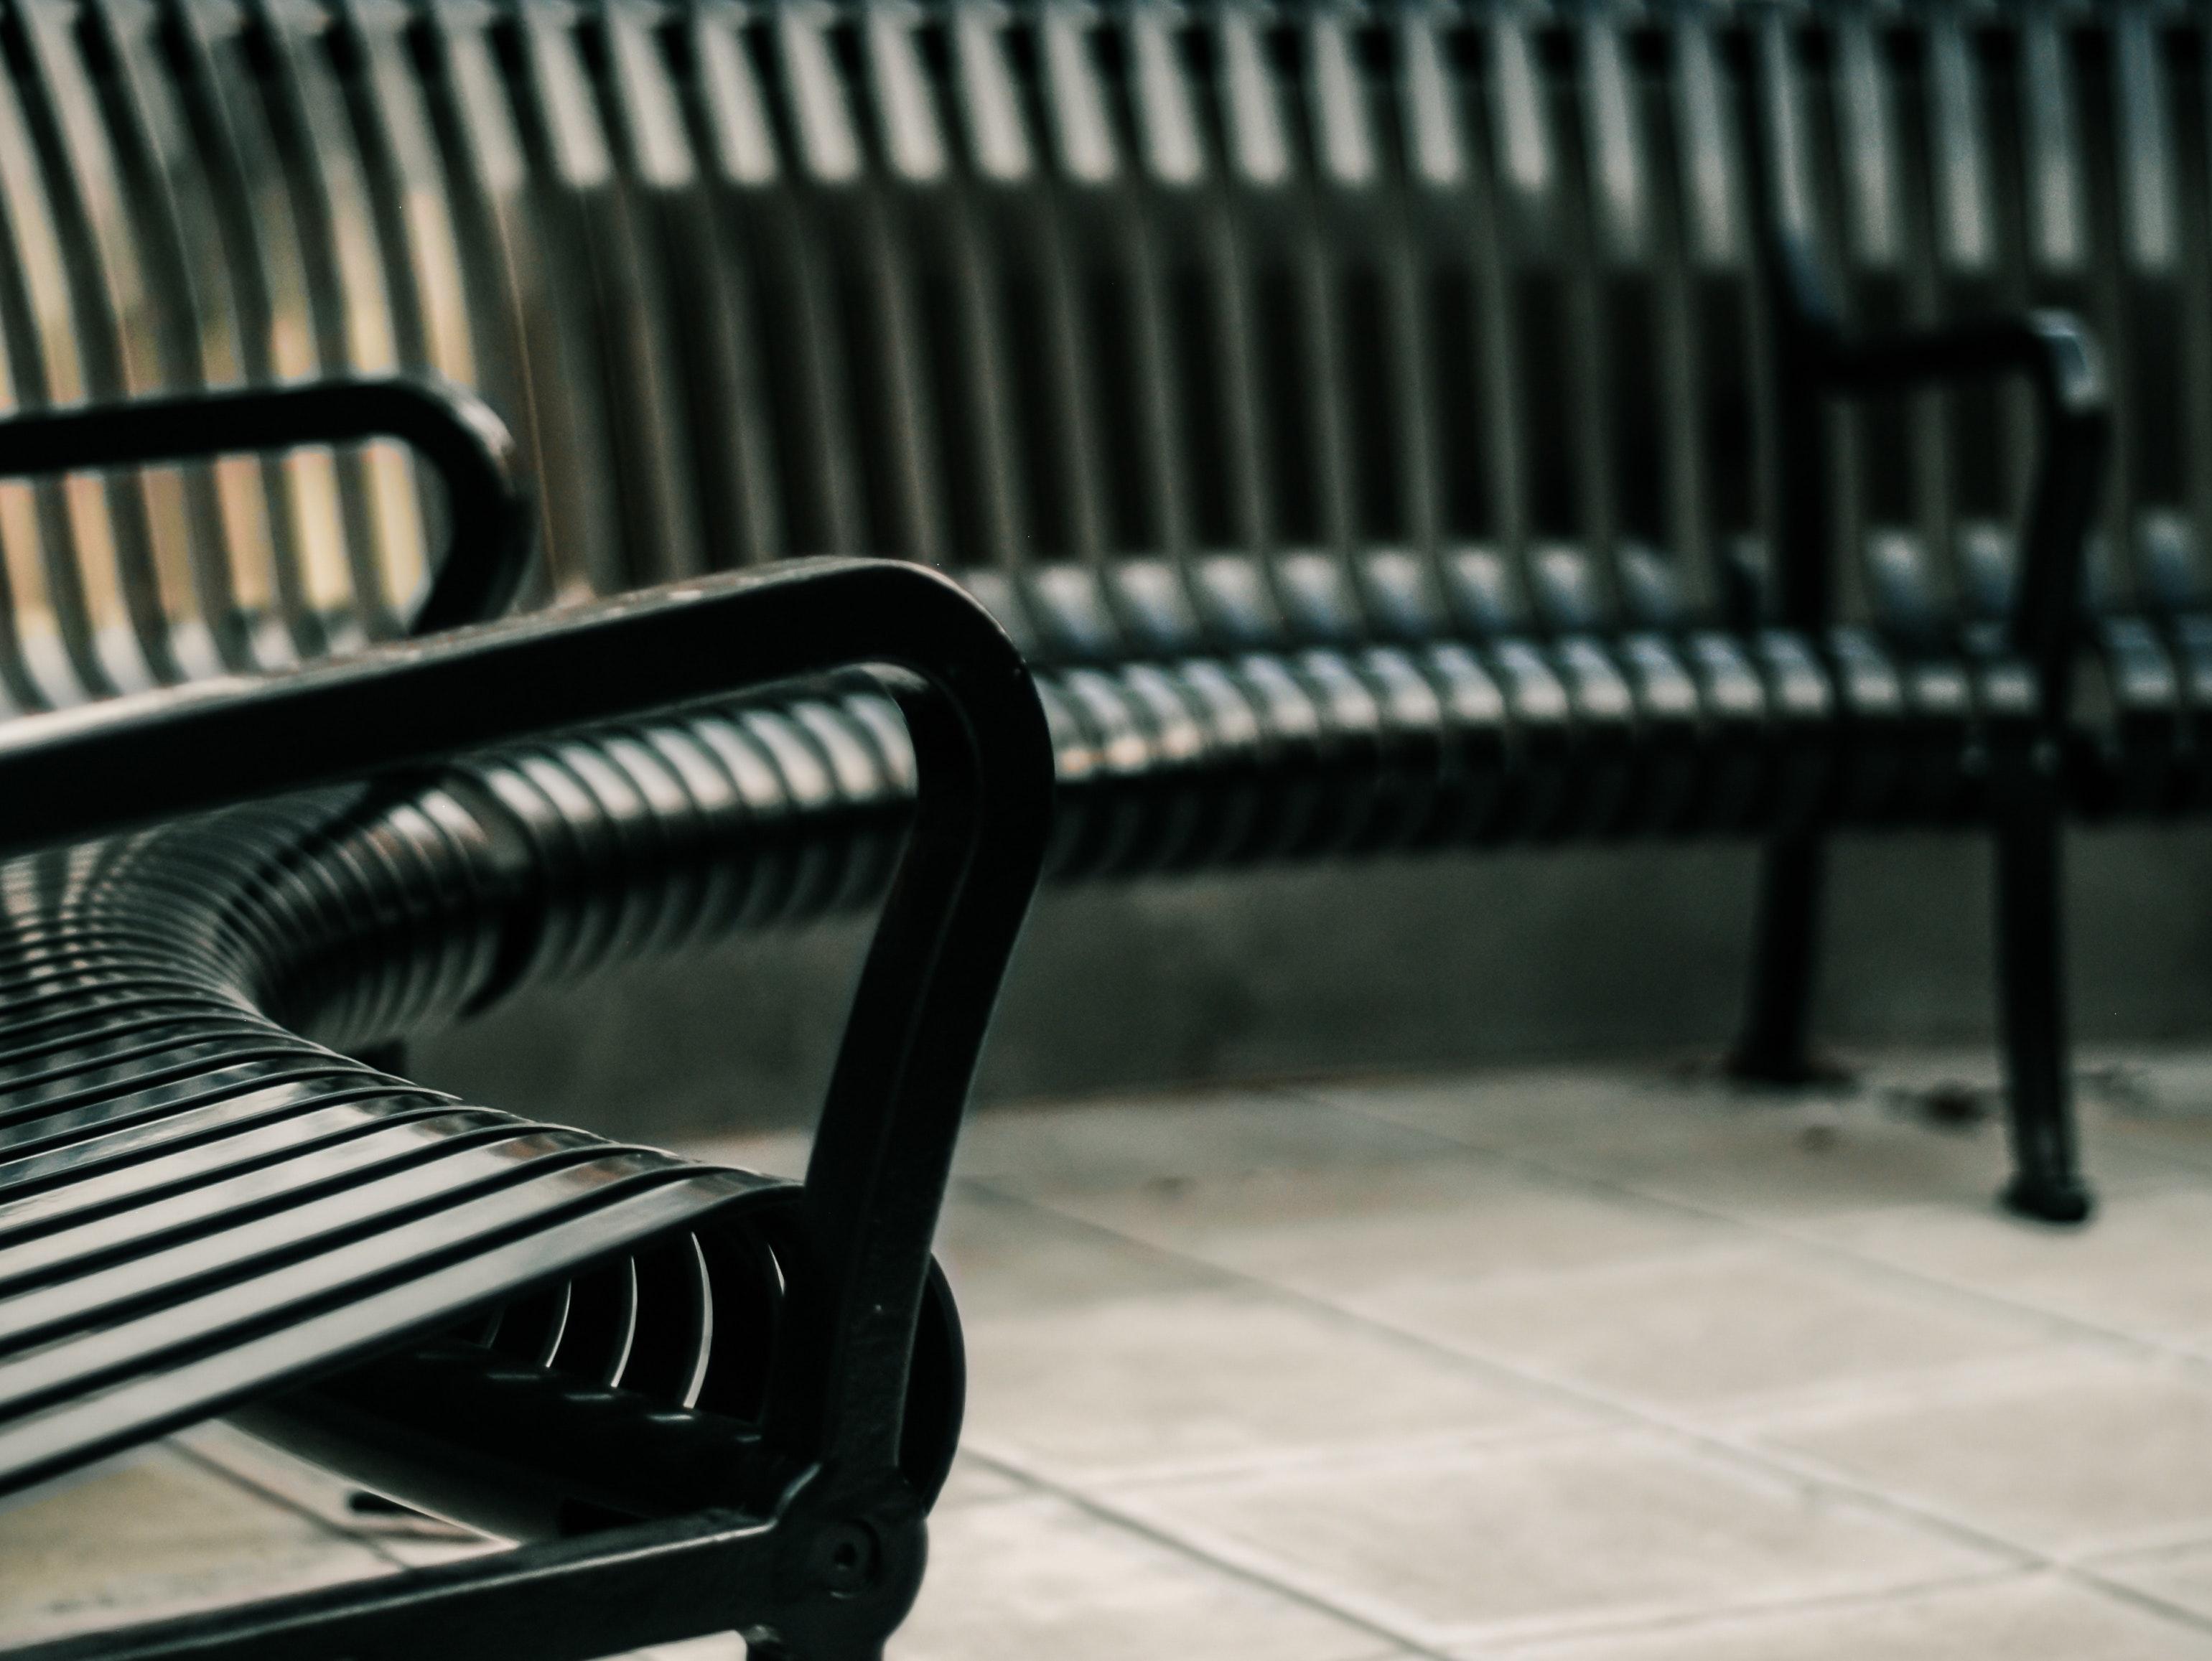 Kostenloses Foto zum Thema: bänke, draußen, leer